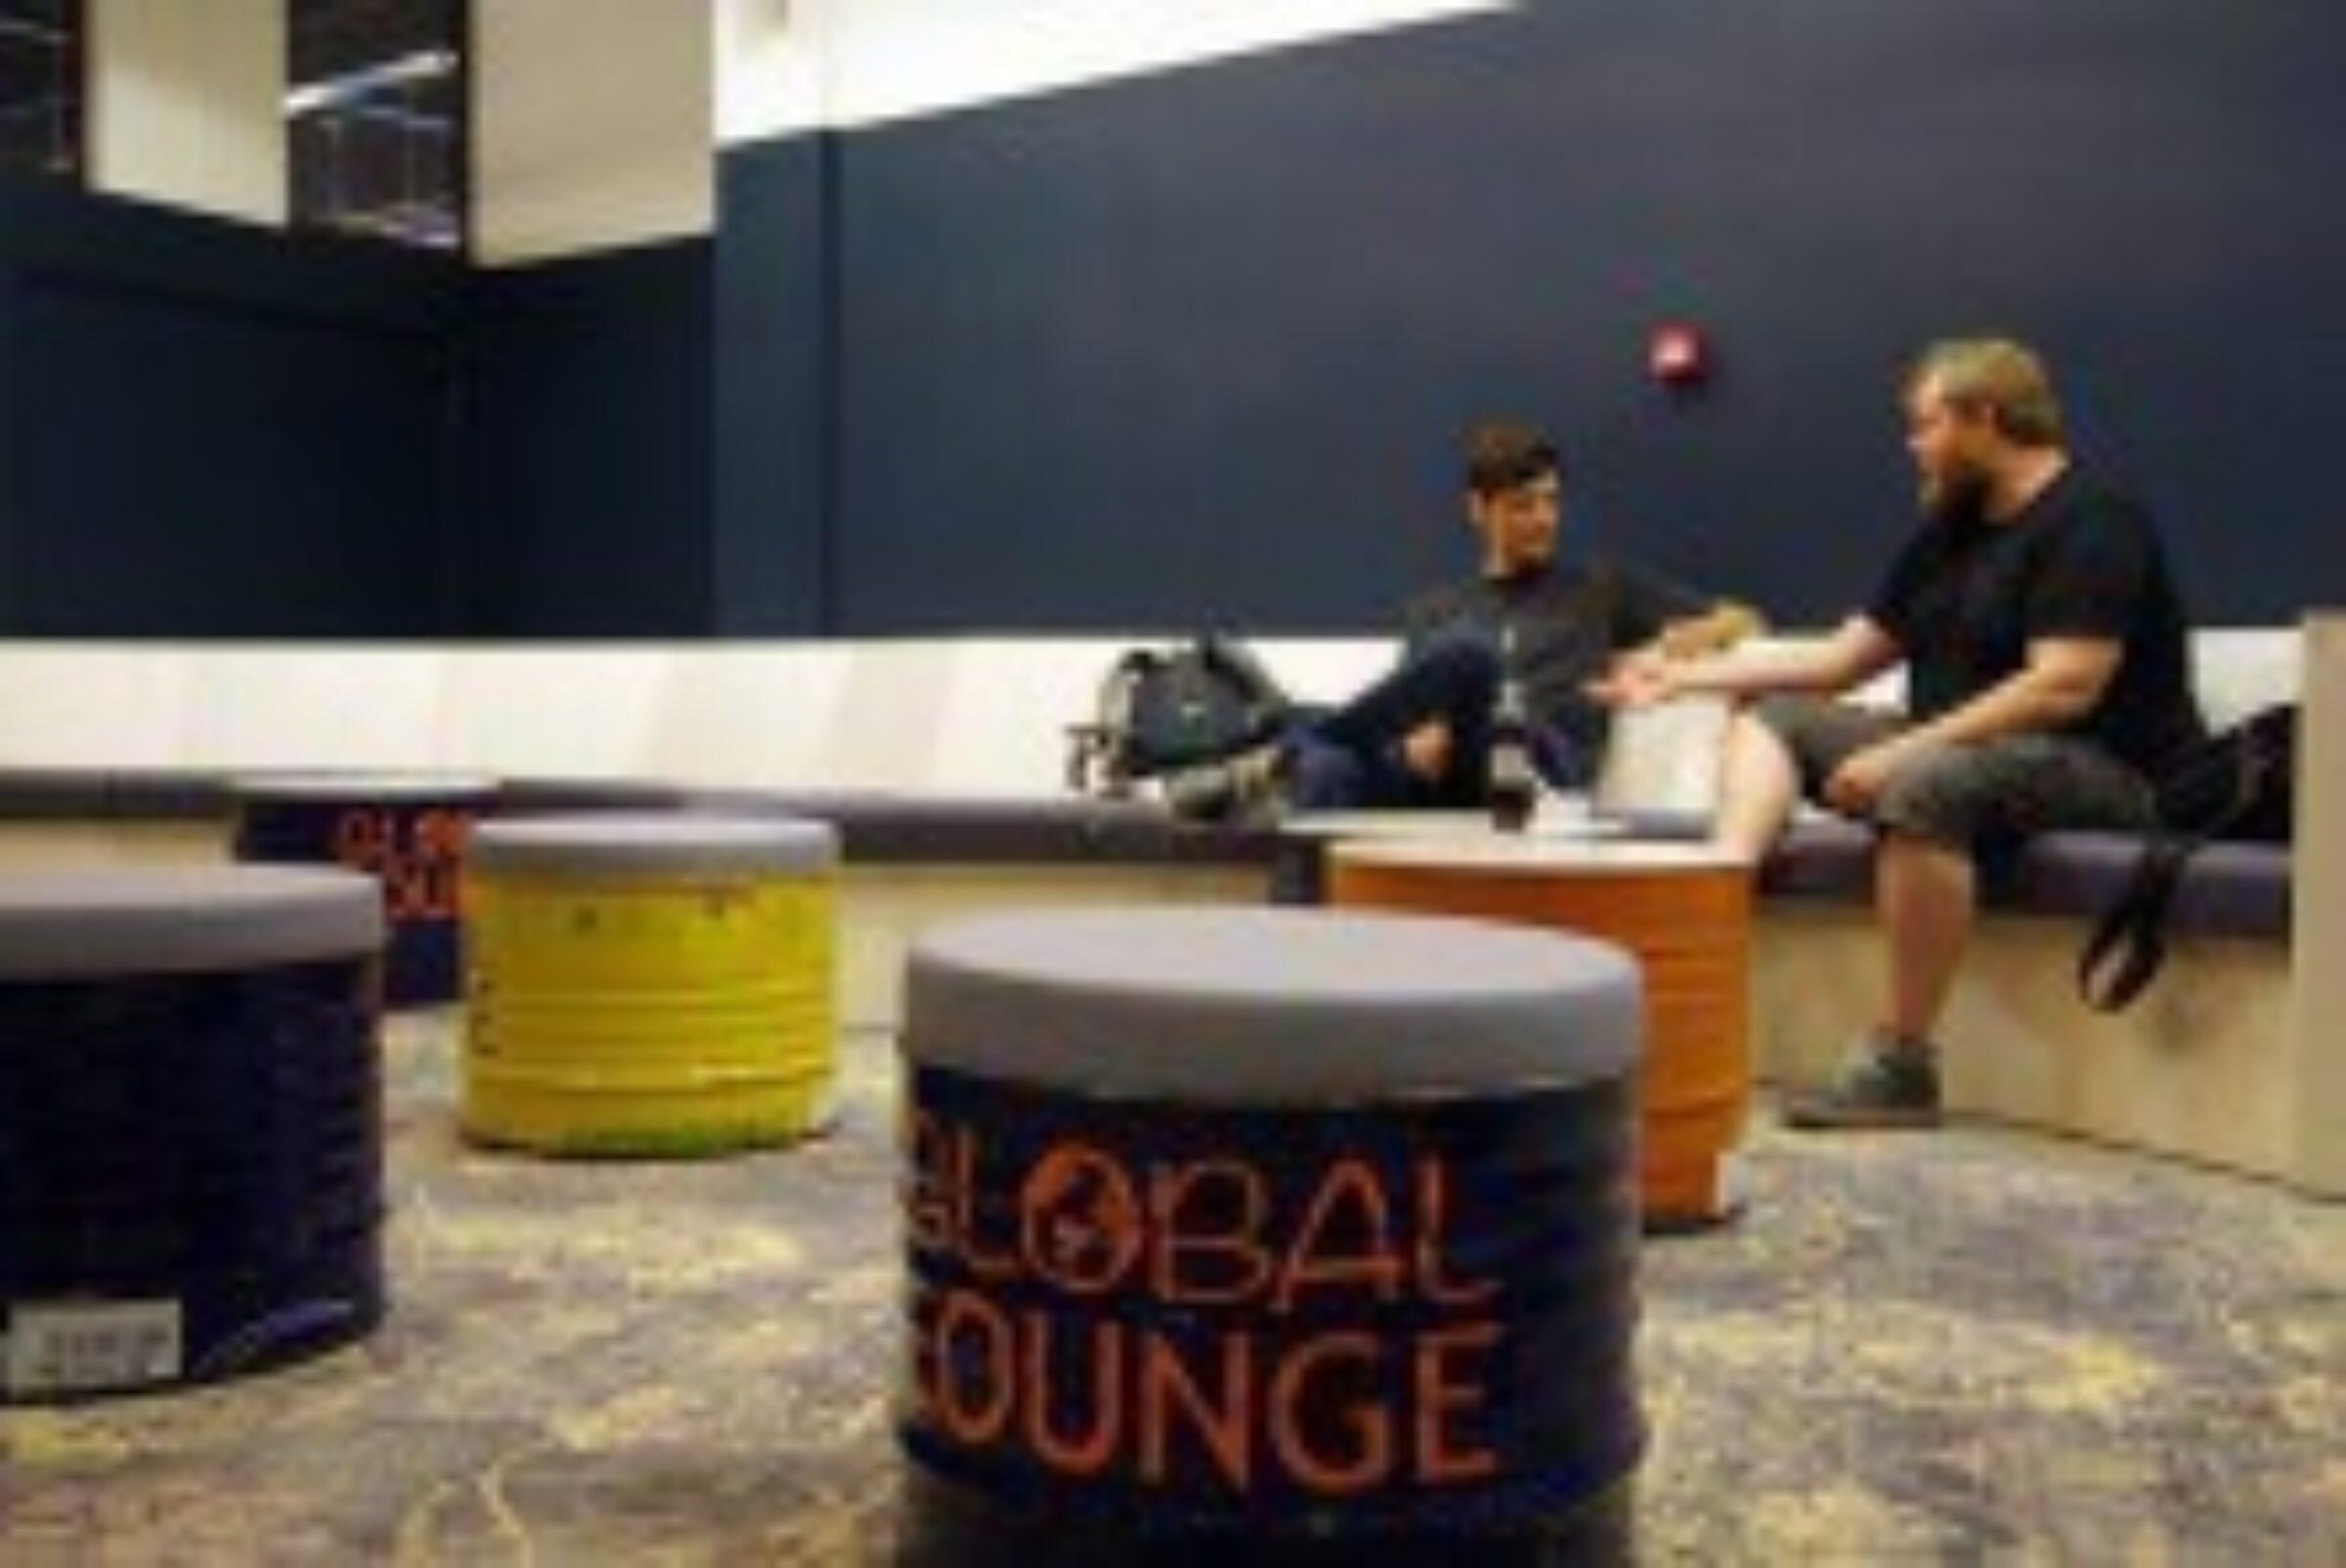 Global lounge bastille Enschede